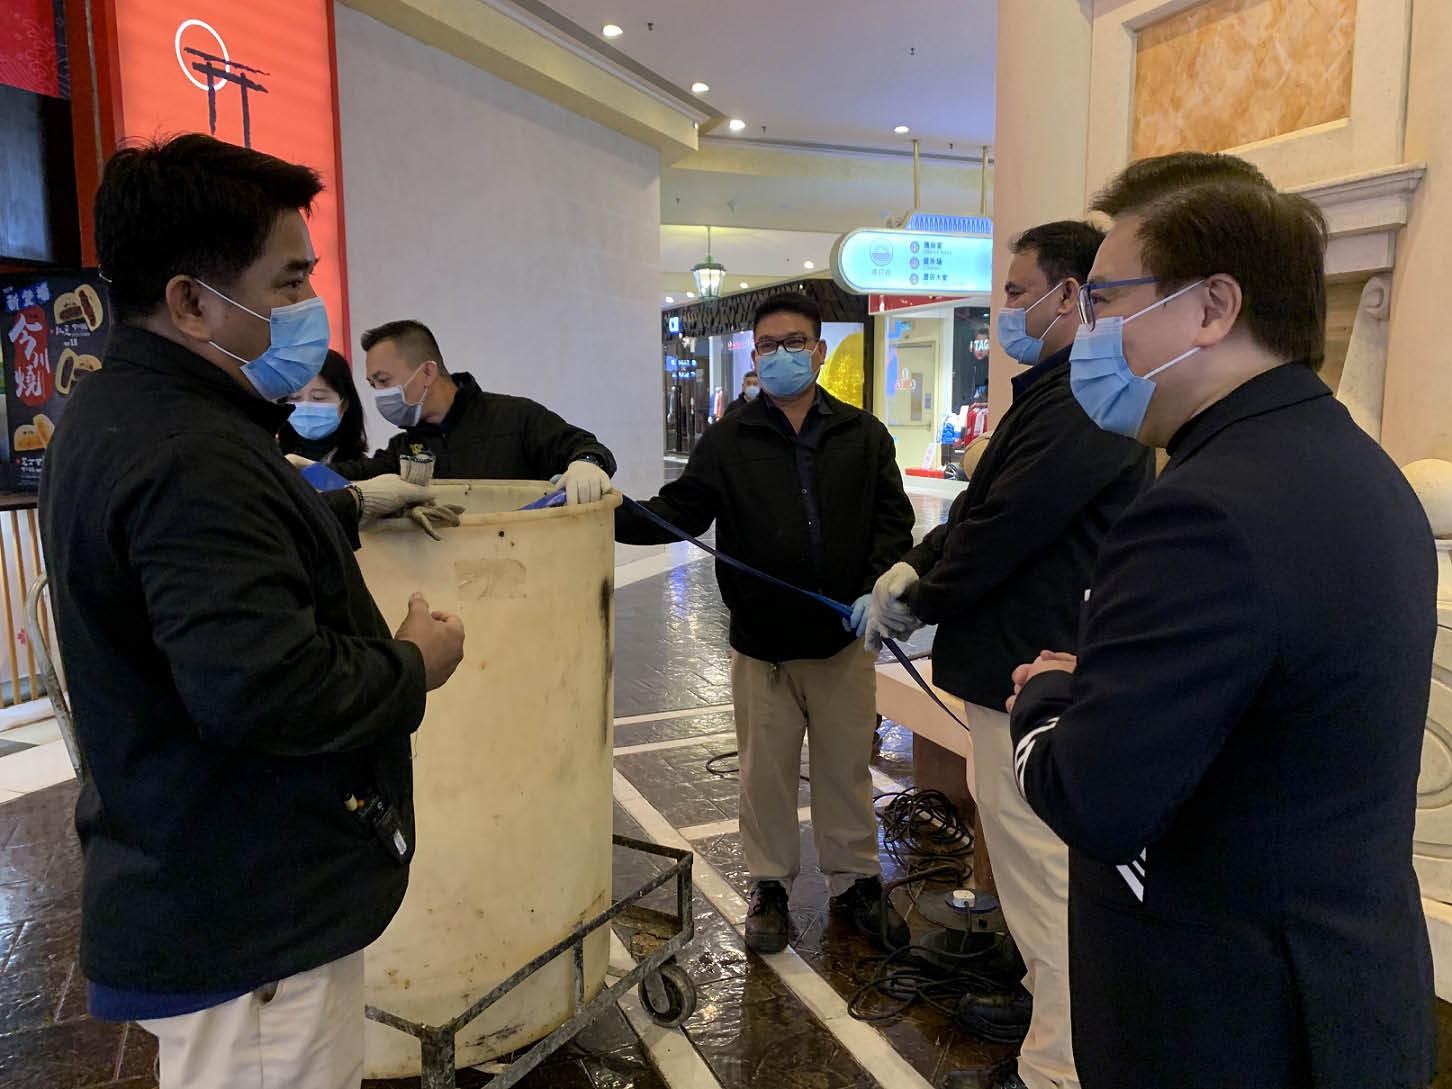 金沙中國有限公司總裁王英偉博士與一眾高級管理層為各團隊防疫抗疫打氣.jpg